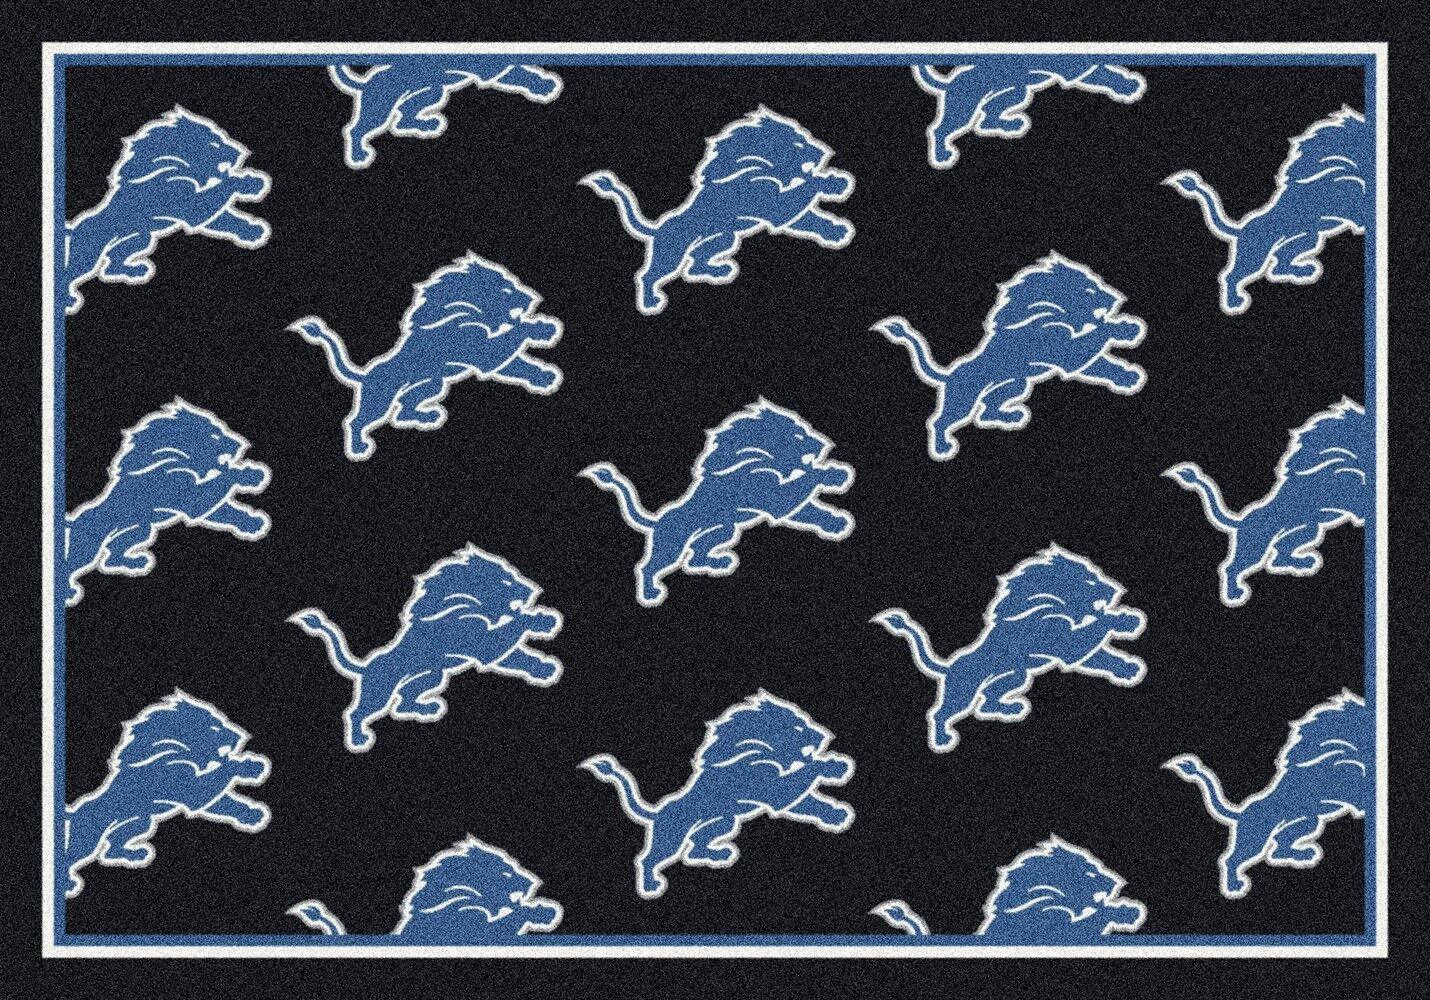 Detroit Lions Area Rug Nfl Lions Area Rugs